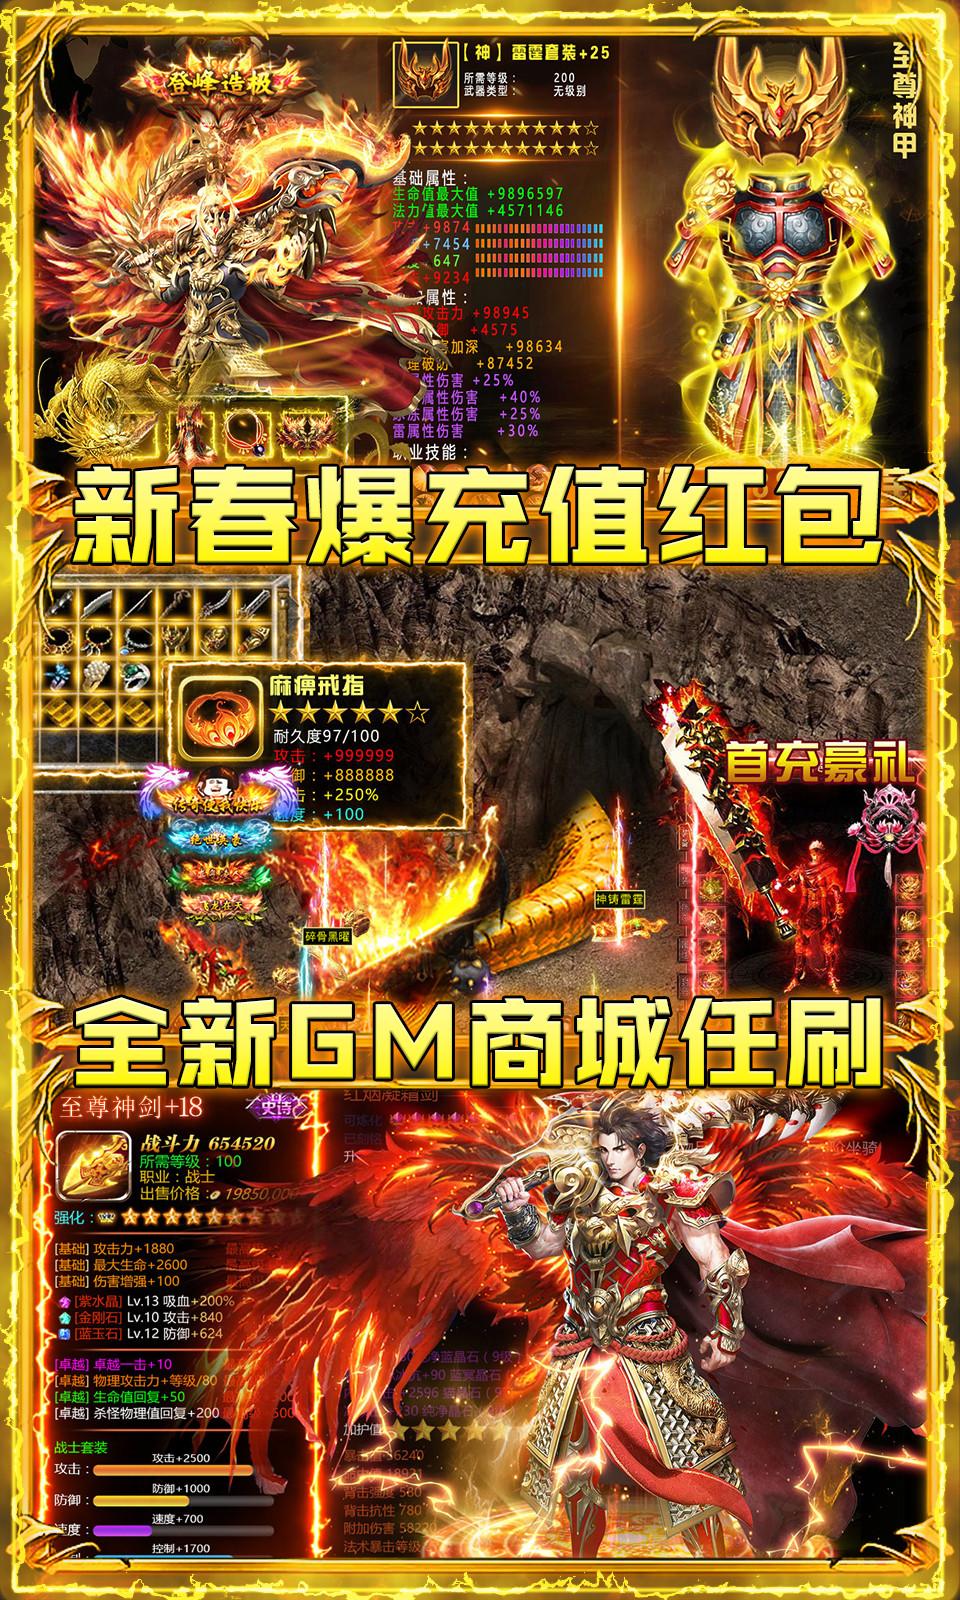 巨龙之戒-送GM爆充值截图3